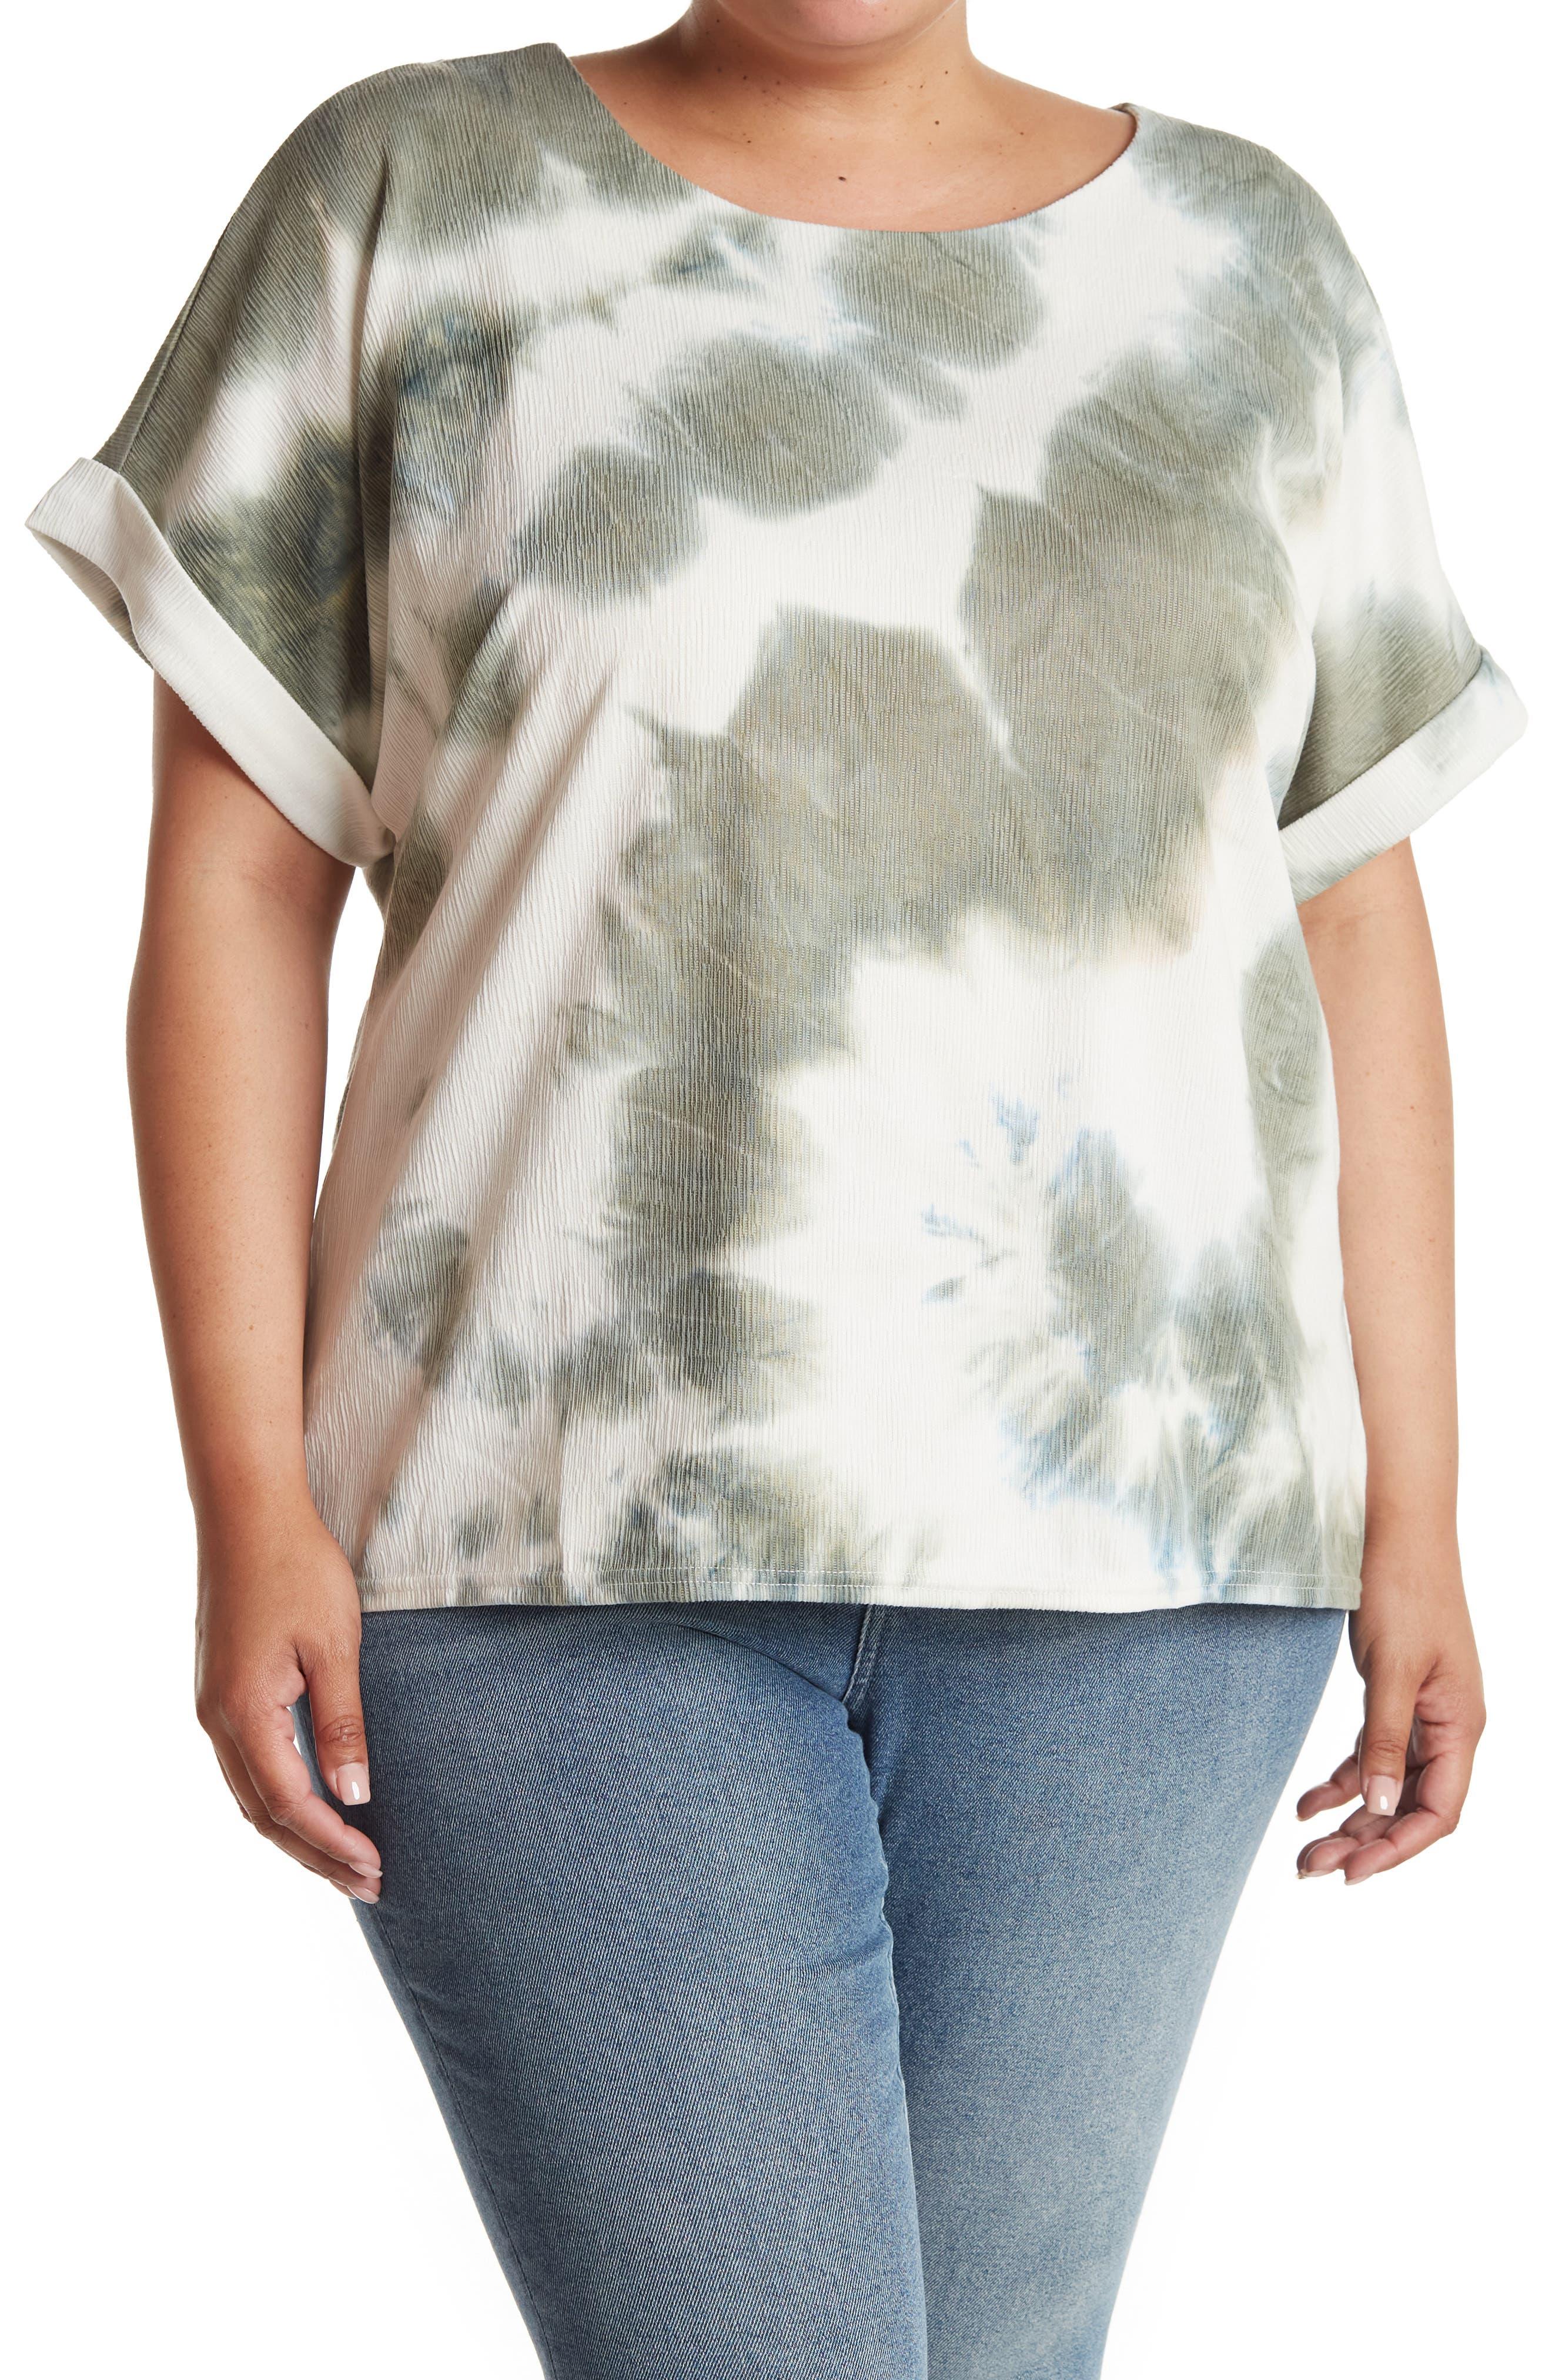 Melloday Tie Dye Round Neck T-shirt In Open Green21